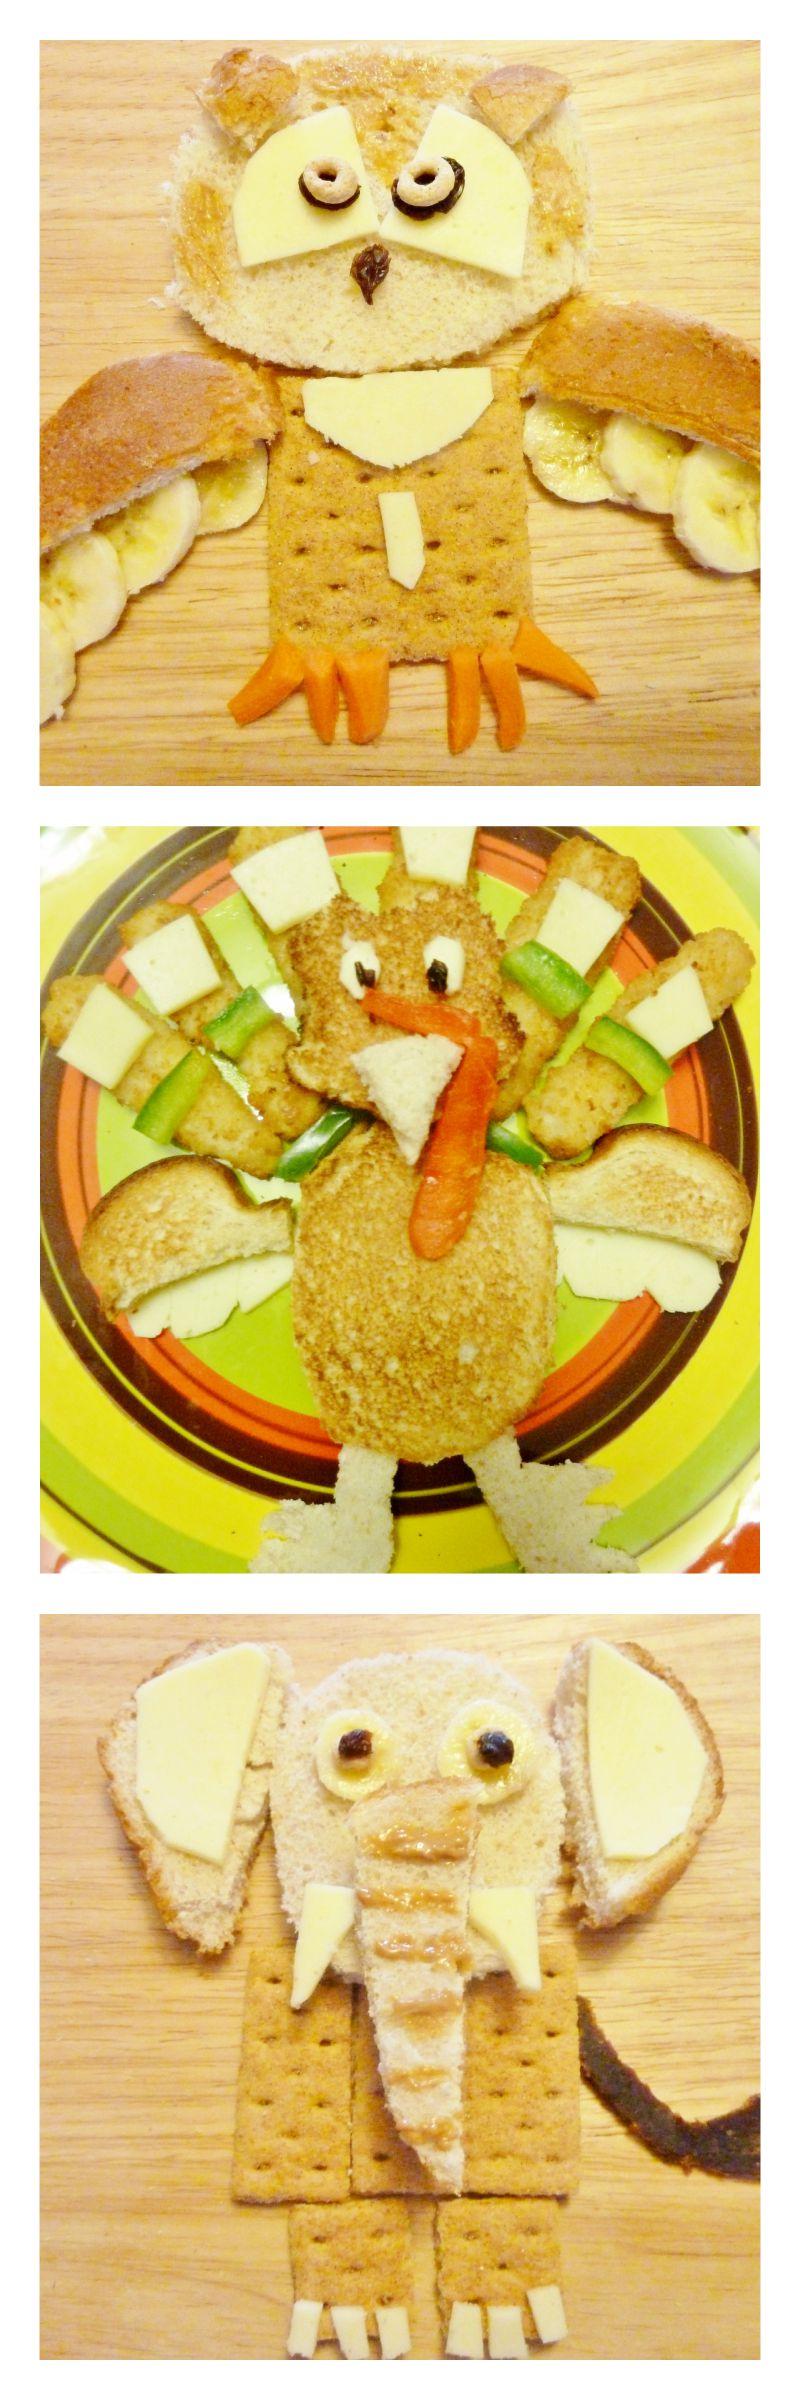 Fun with toddler food art